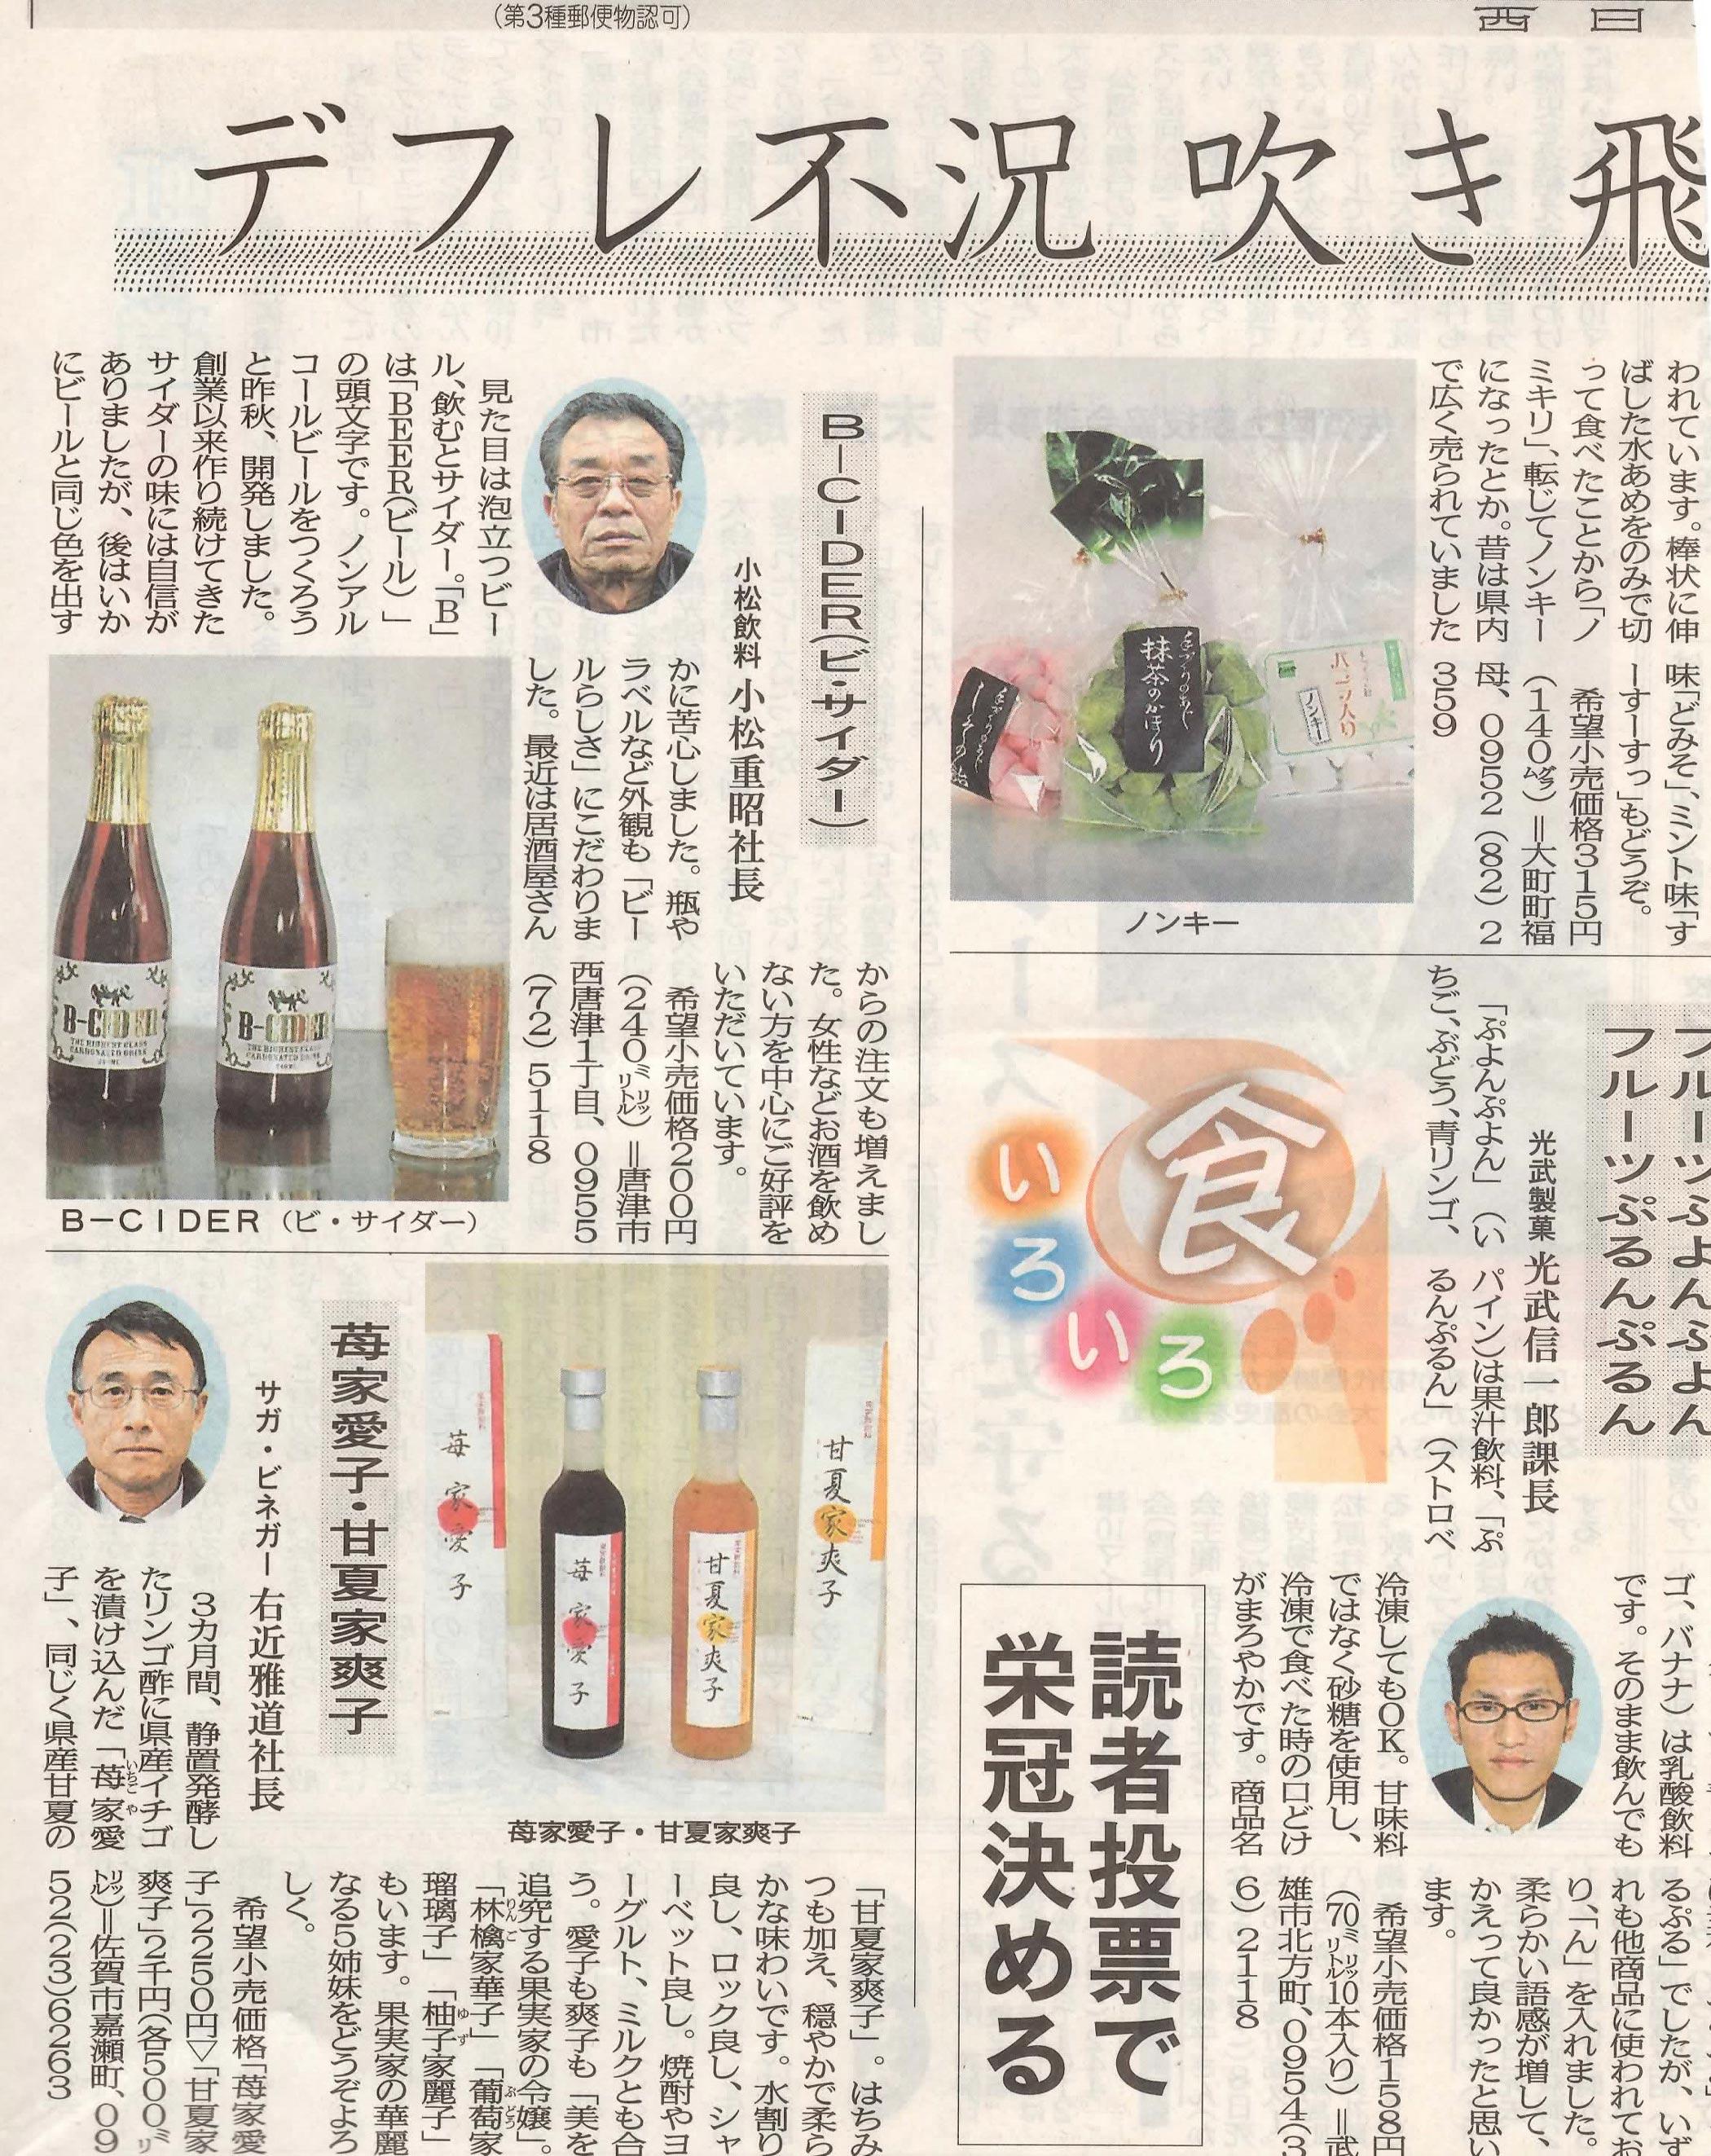 新聞掲載 2010年西日本新聞 「デフレ吹き飛ばす会社特集」